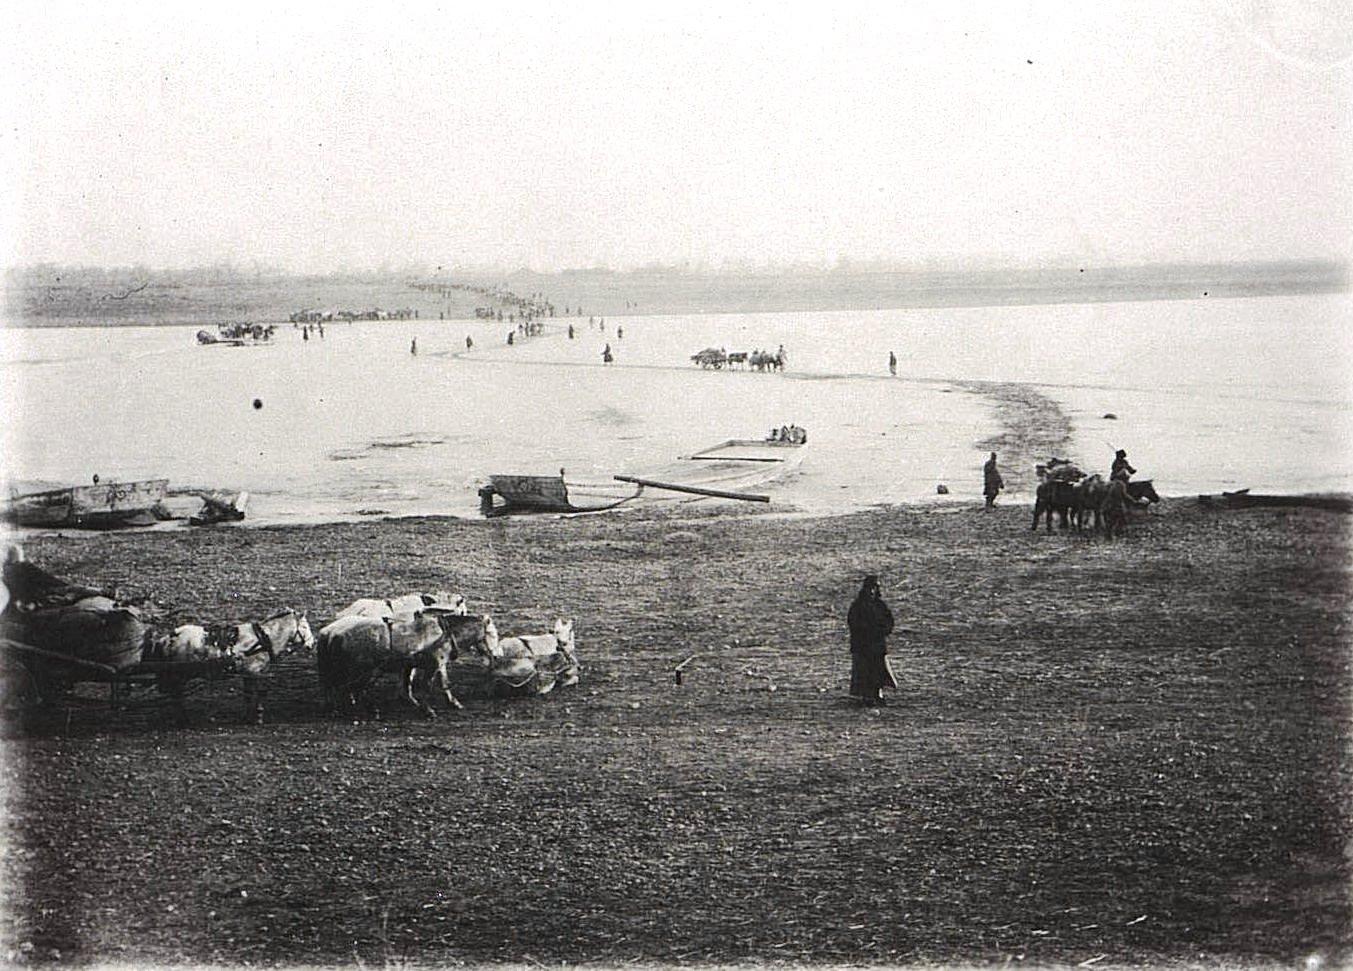 21. Переход через реку Сунгари между городами Улу-Гай и Гирином. Ноябрь 1900